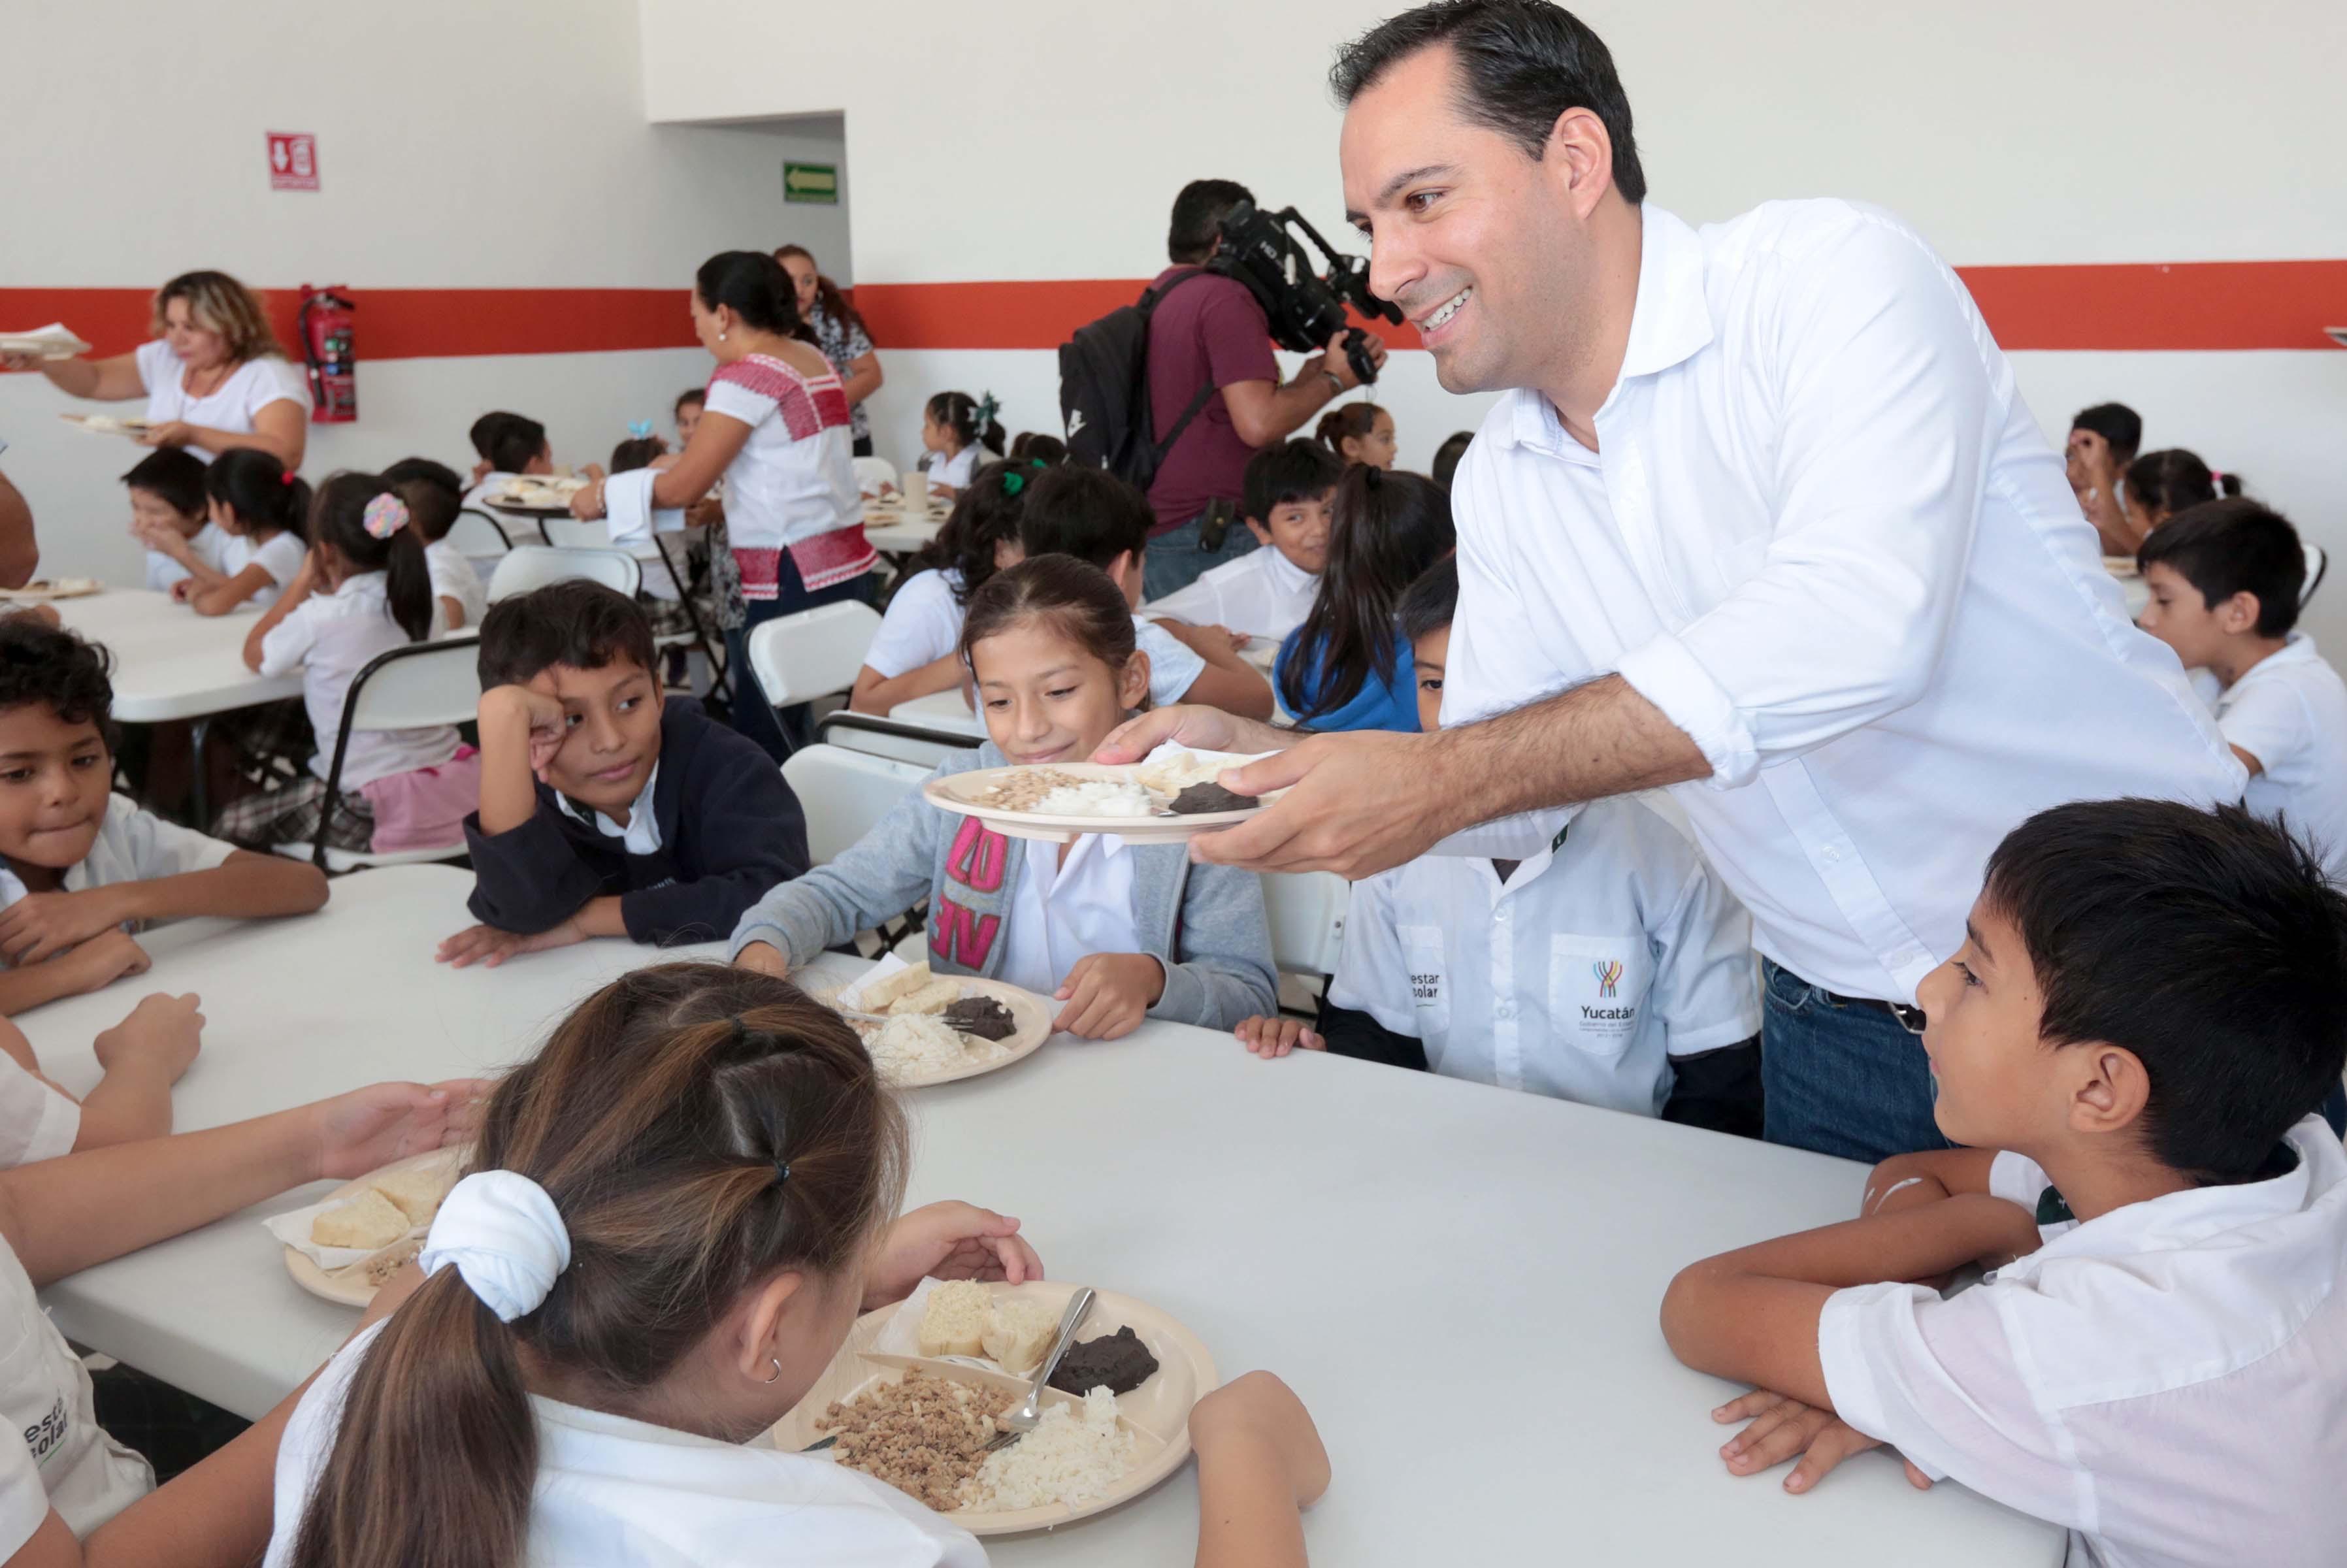 Escuela de colonia Villa Magna del sur estrena comedor